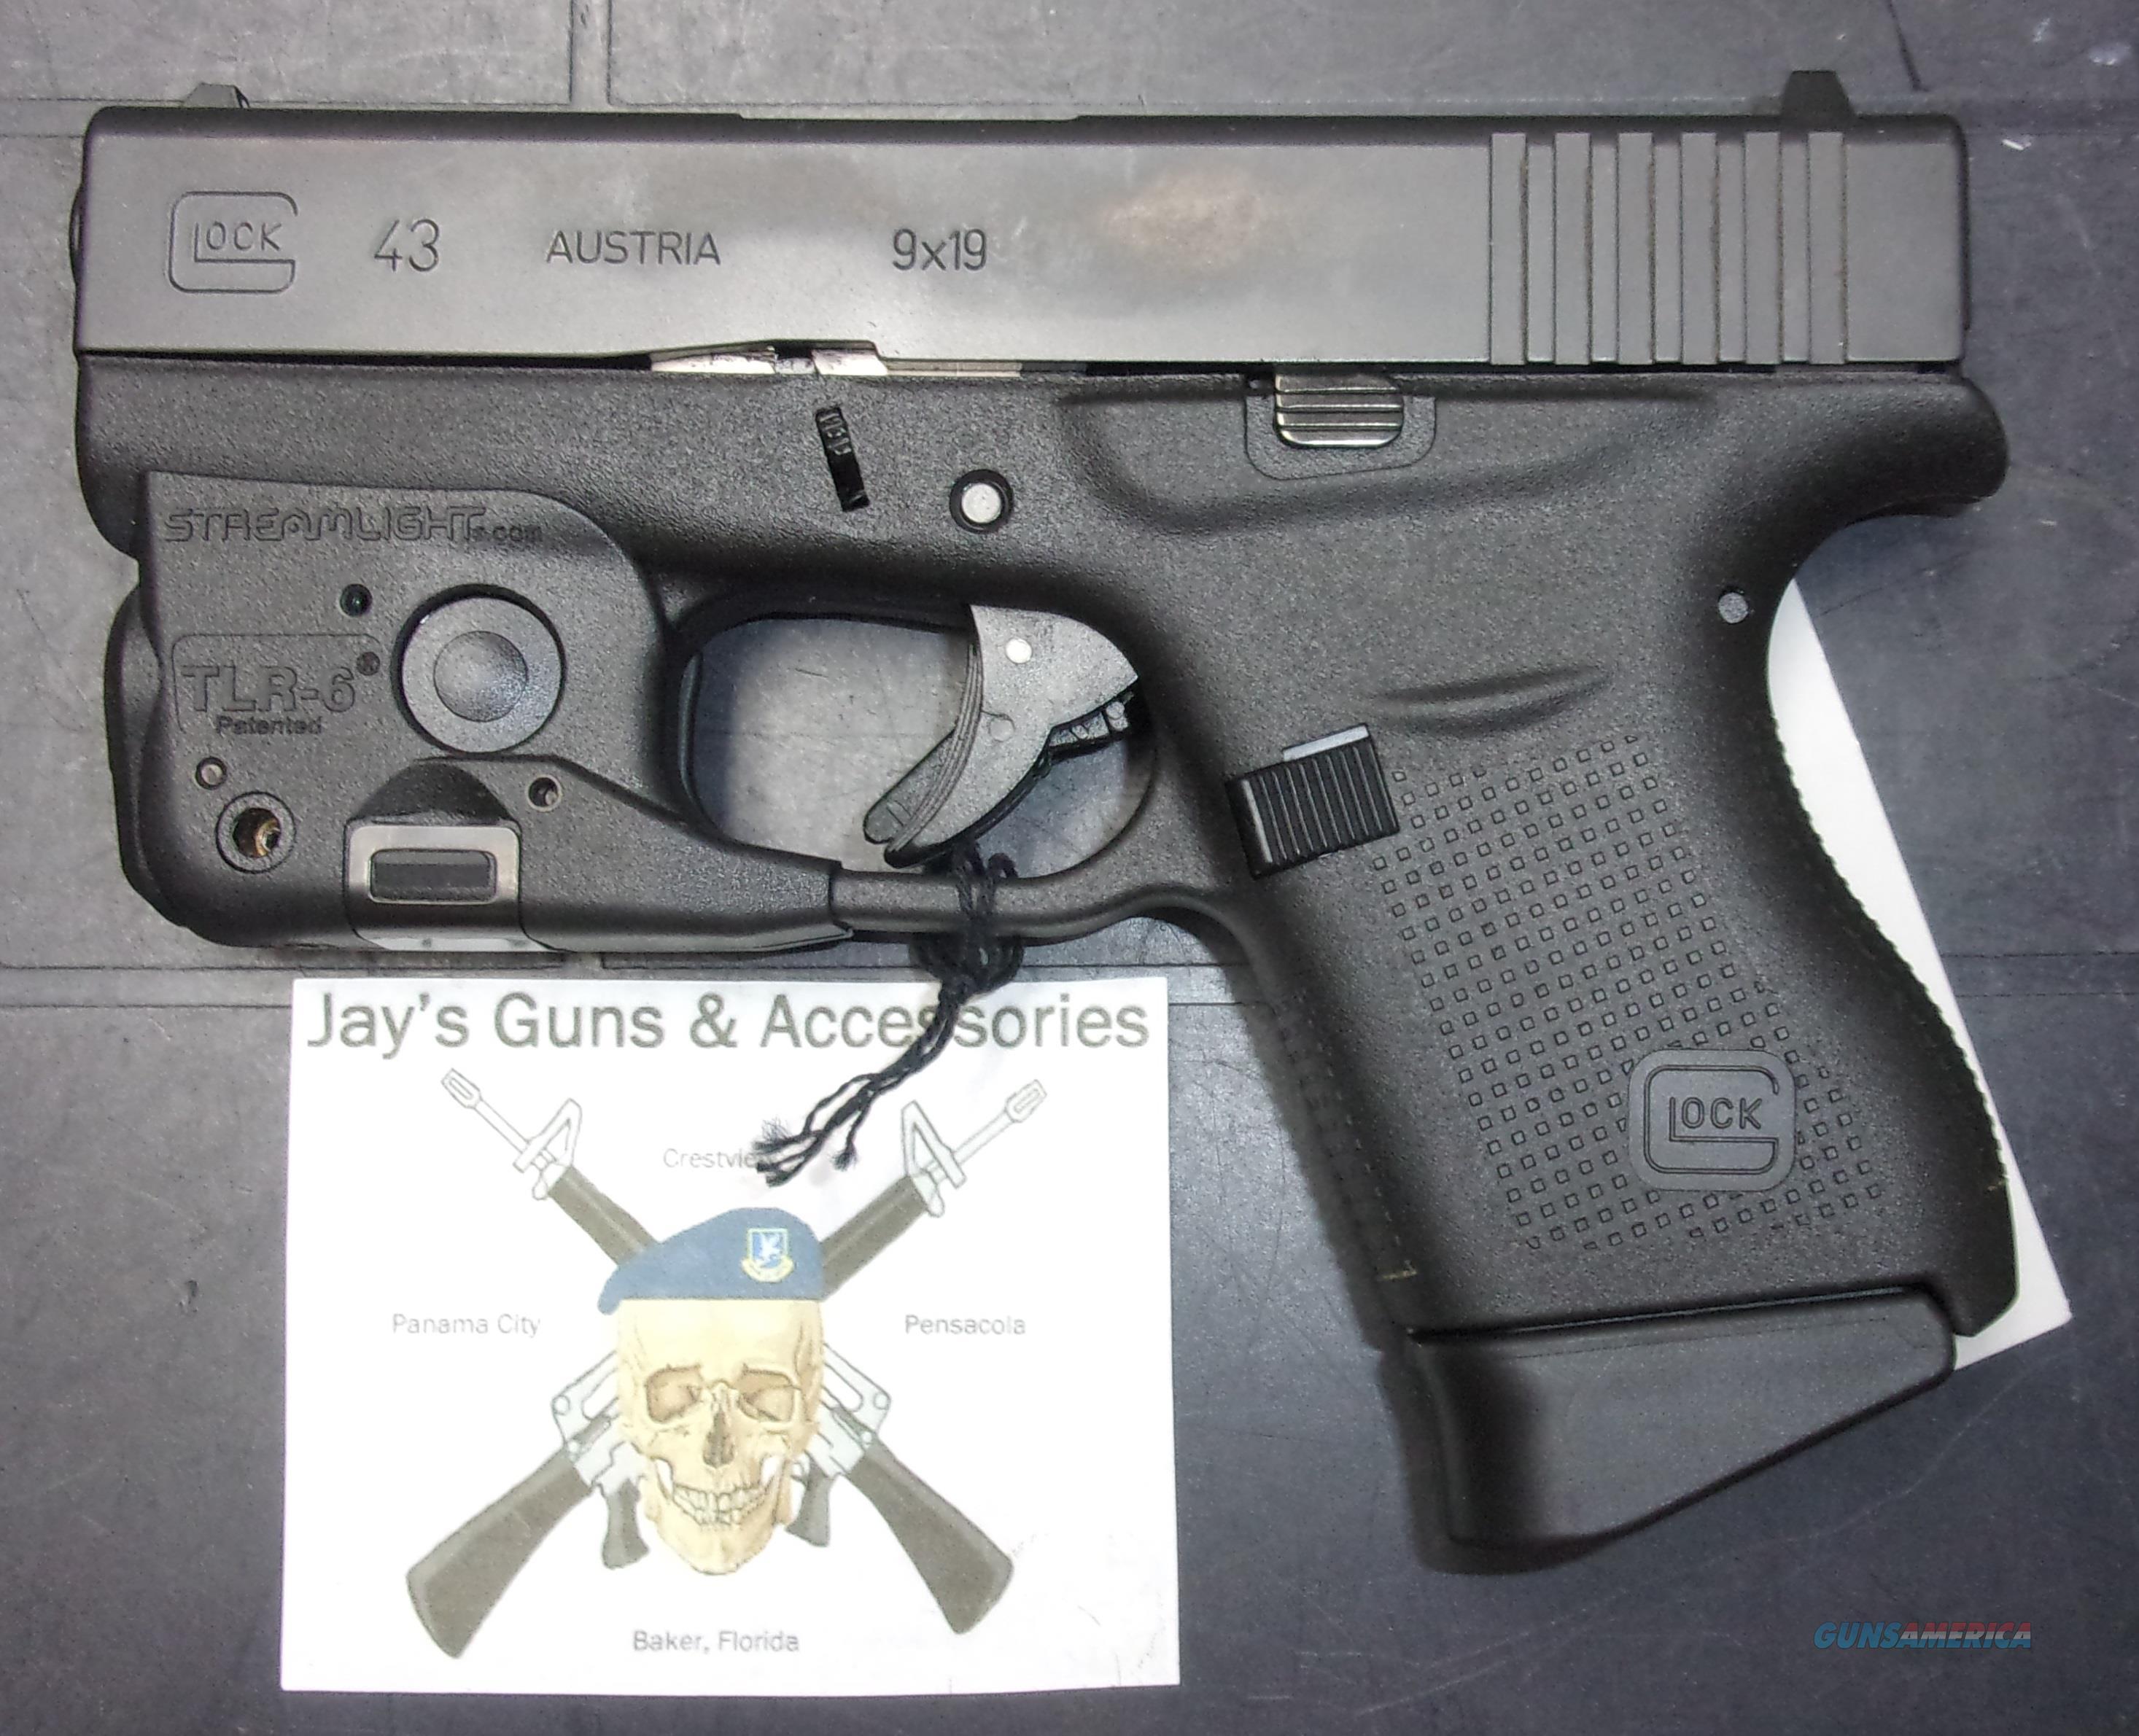 Glock 43 w/Streamlight TLR-6  Guns > Pistols > Glock Pistols > 43/43X